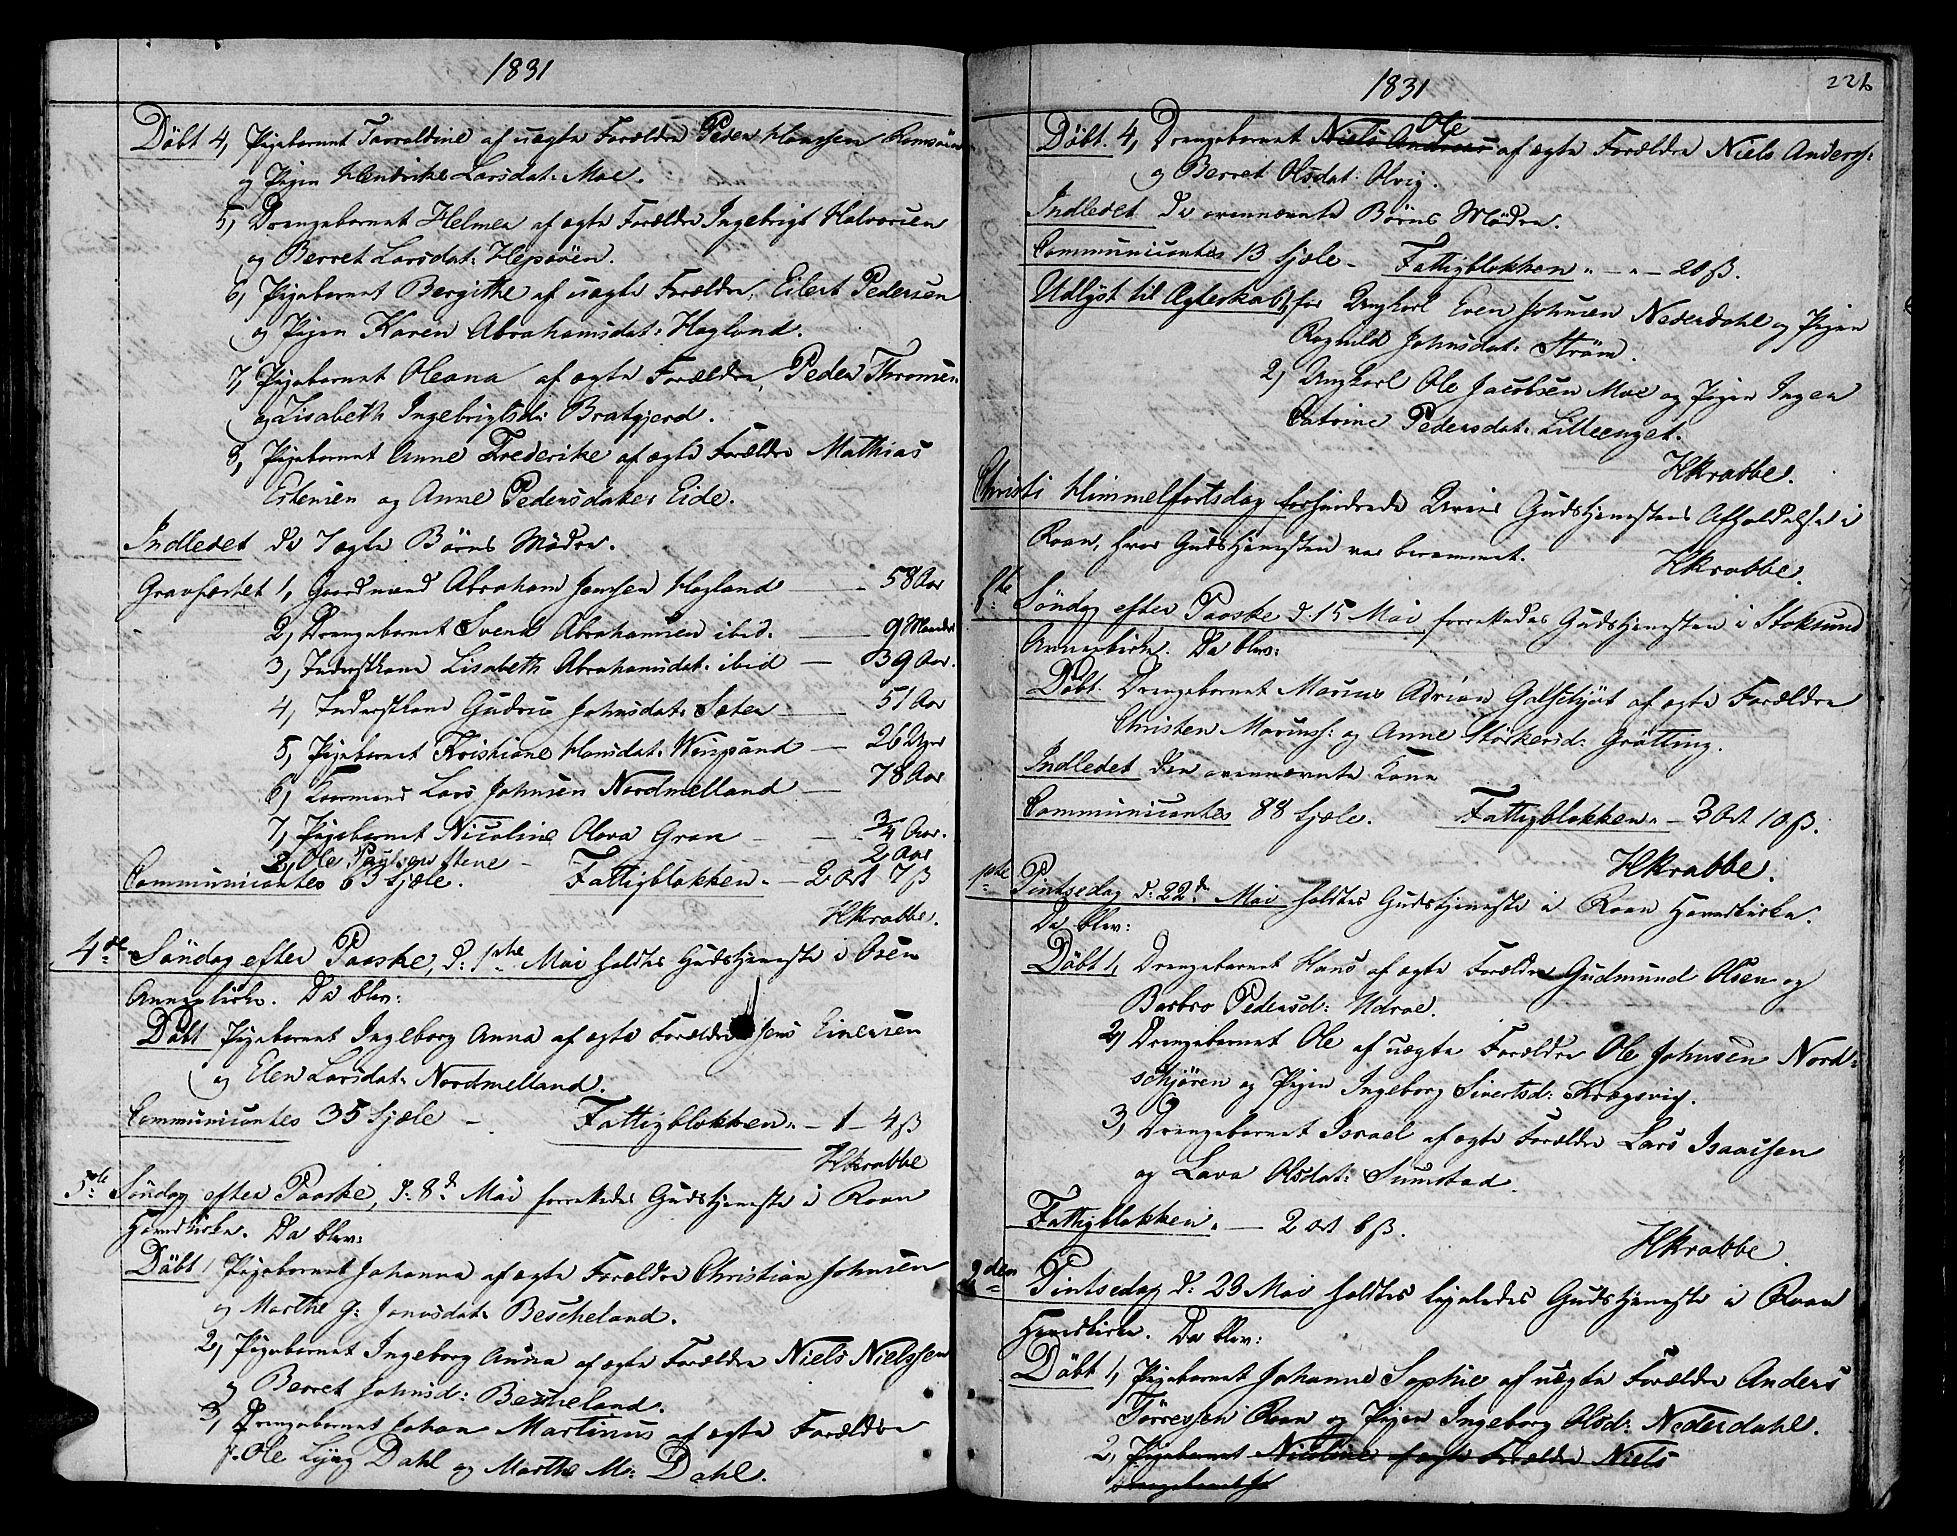 SAT, Ministerialprotokoller, klokkerbøker og fødselsregistre - Sør-Trøndelag, 657/L0701: Ministerialbok nr. 657A02, 1802-1831, s. 221c